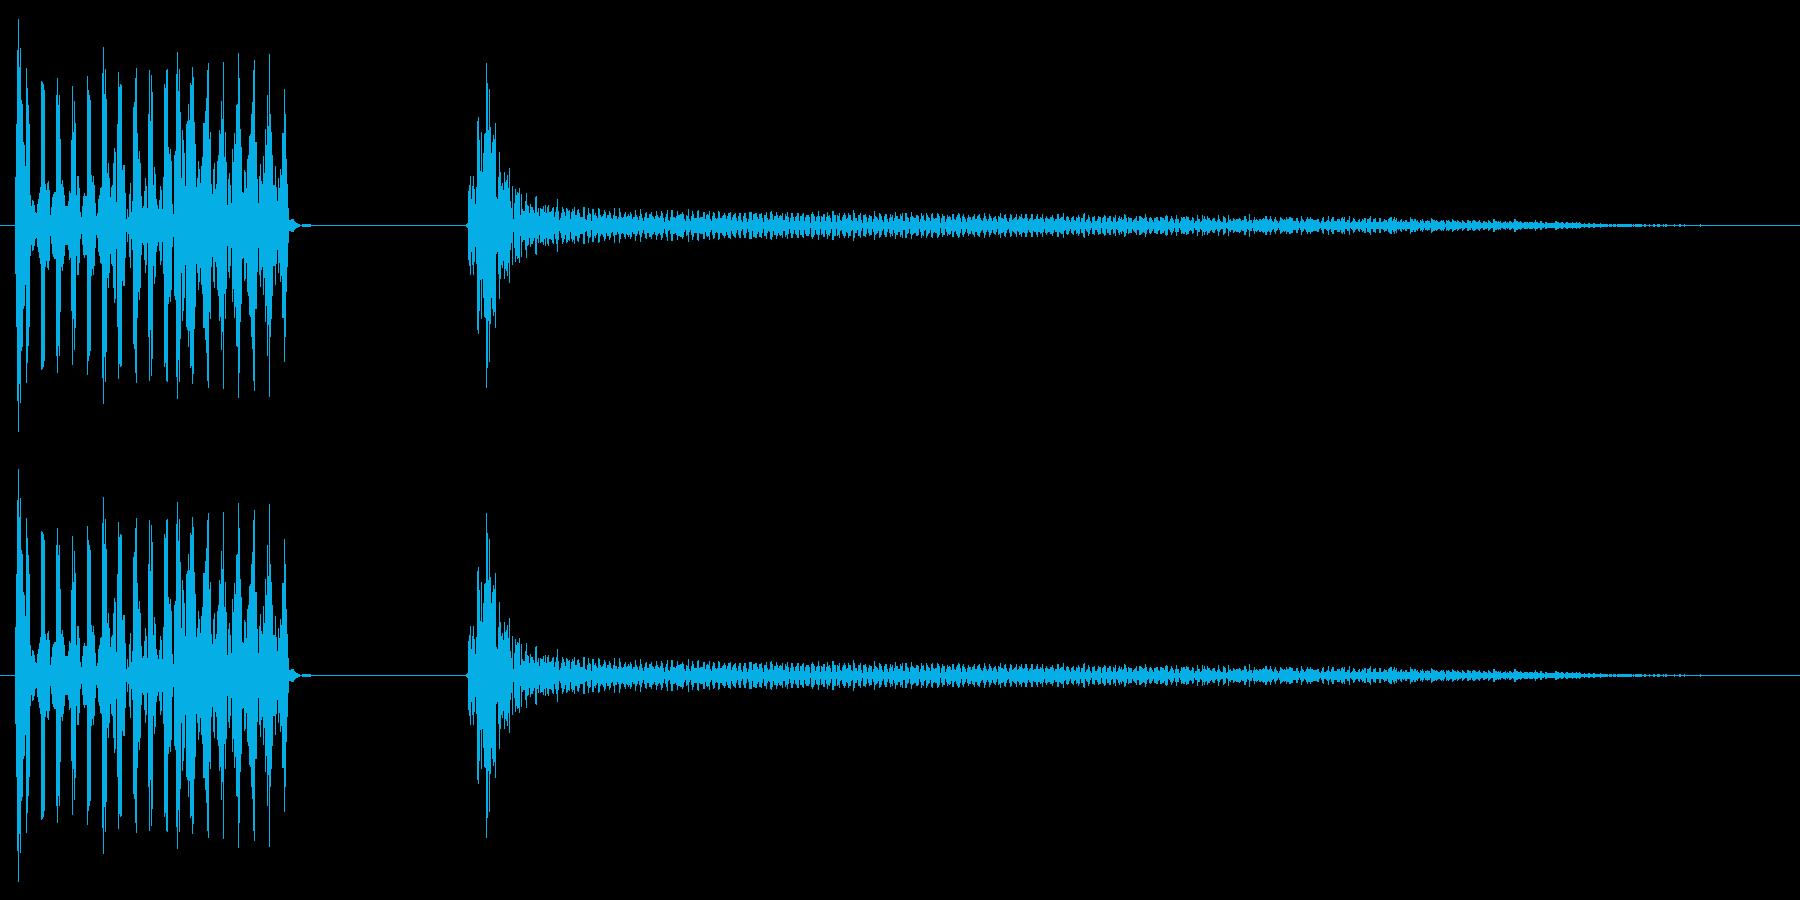 ベース音による効果音用素材です。の再生済みの波形